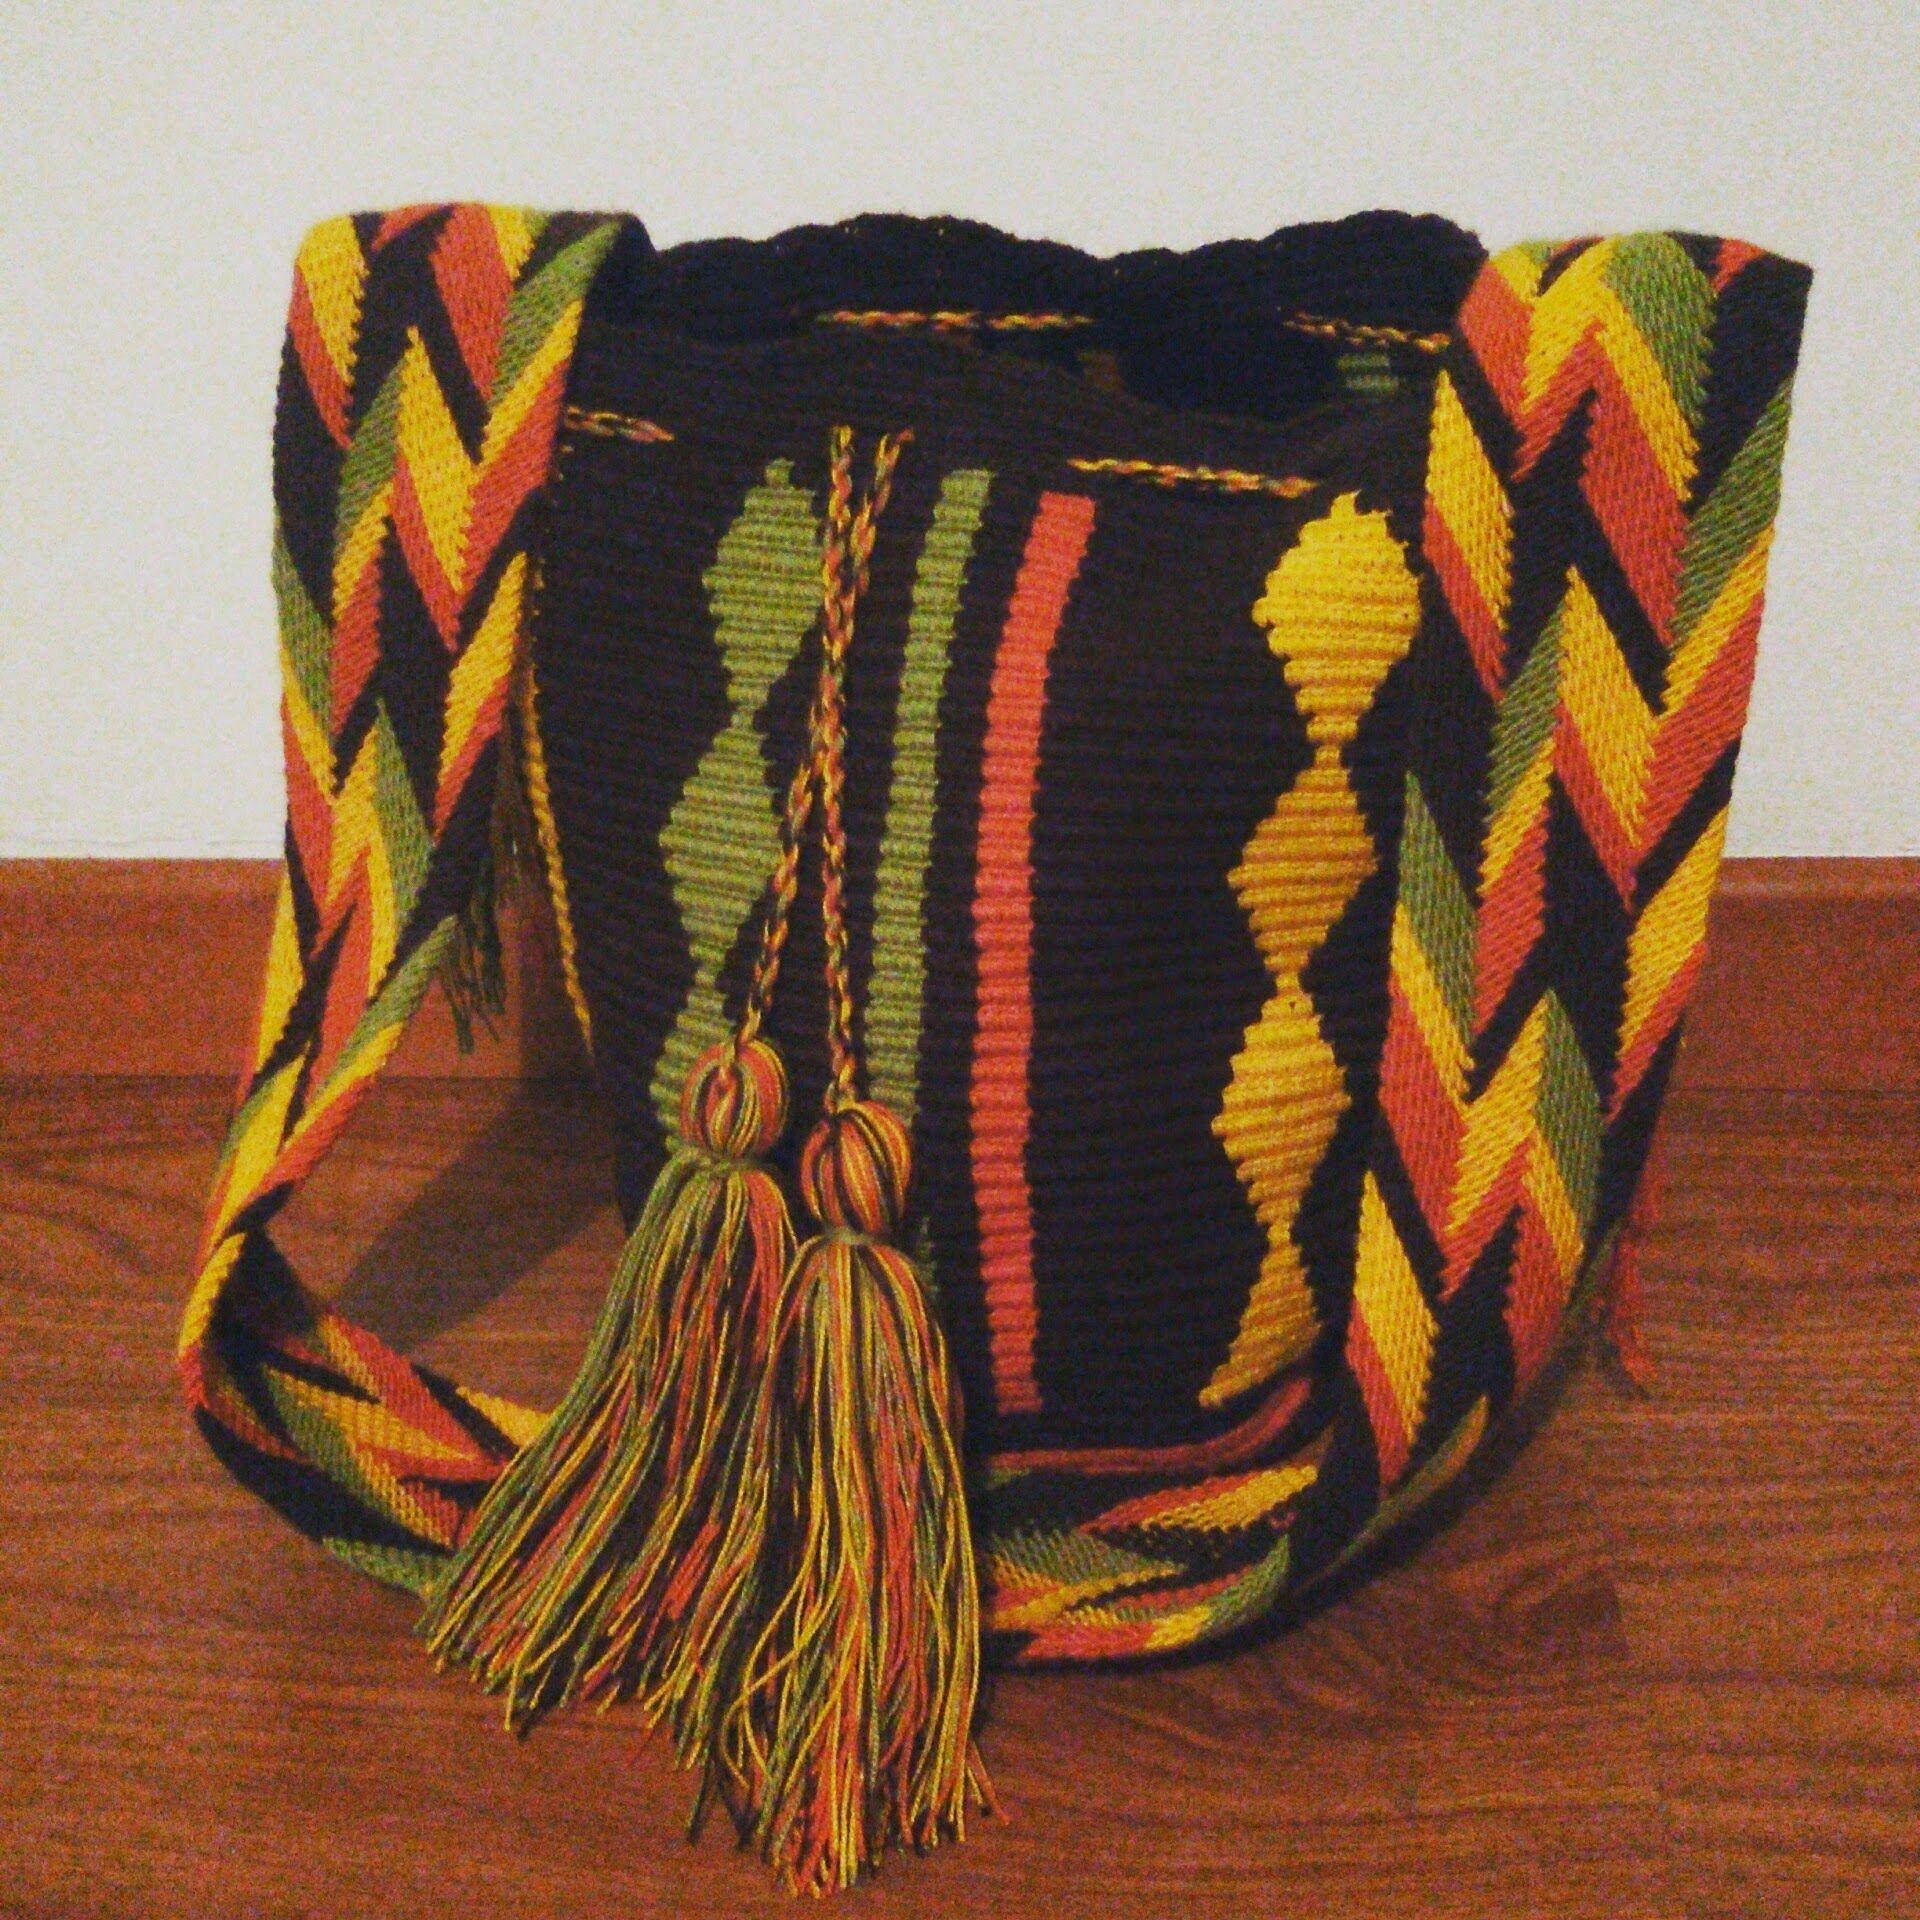 Sheryl - patterned mochila (detailed strap) - £59